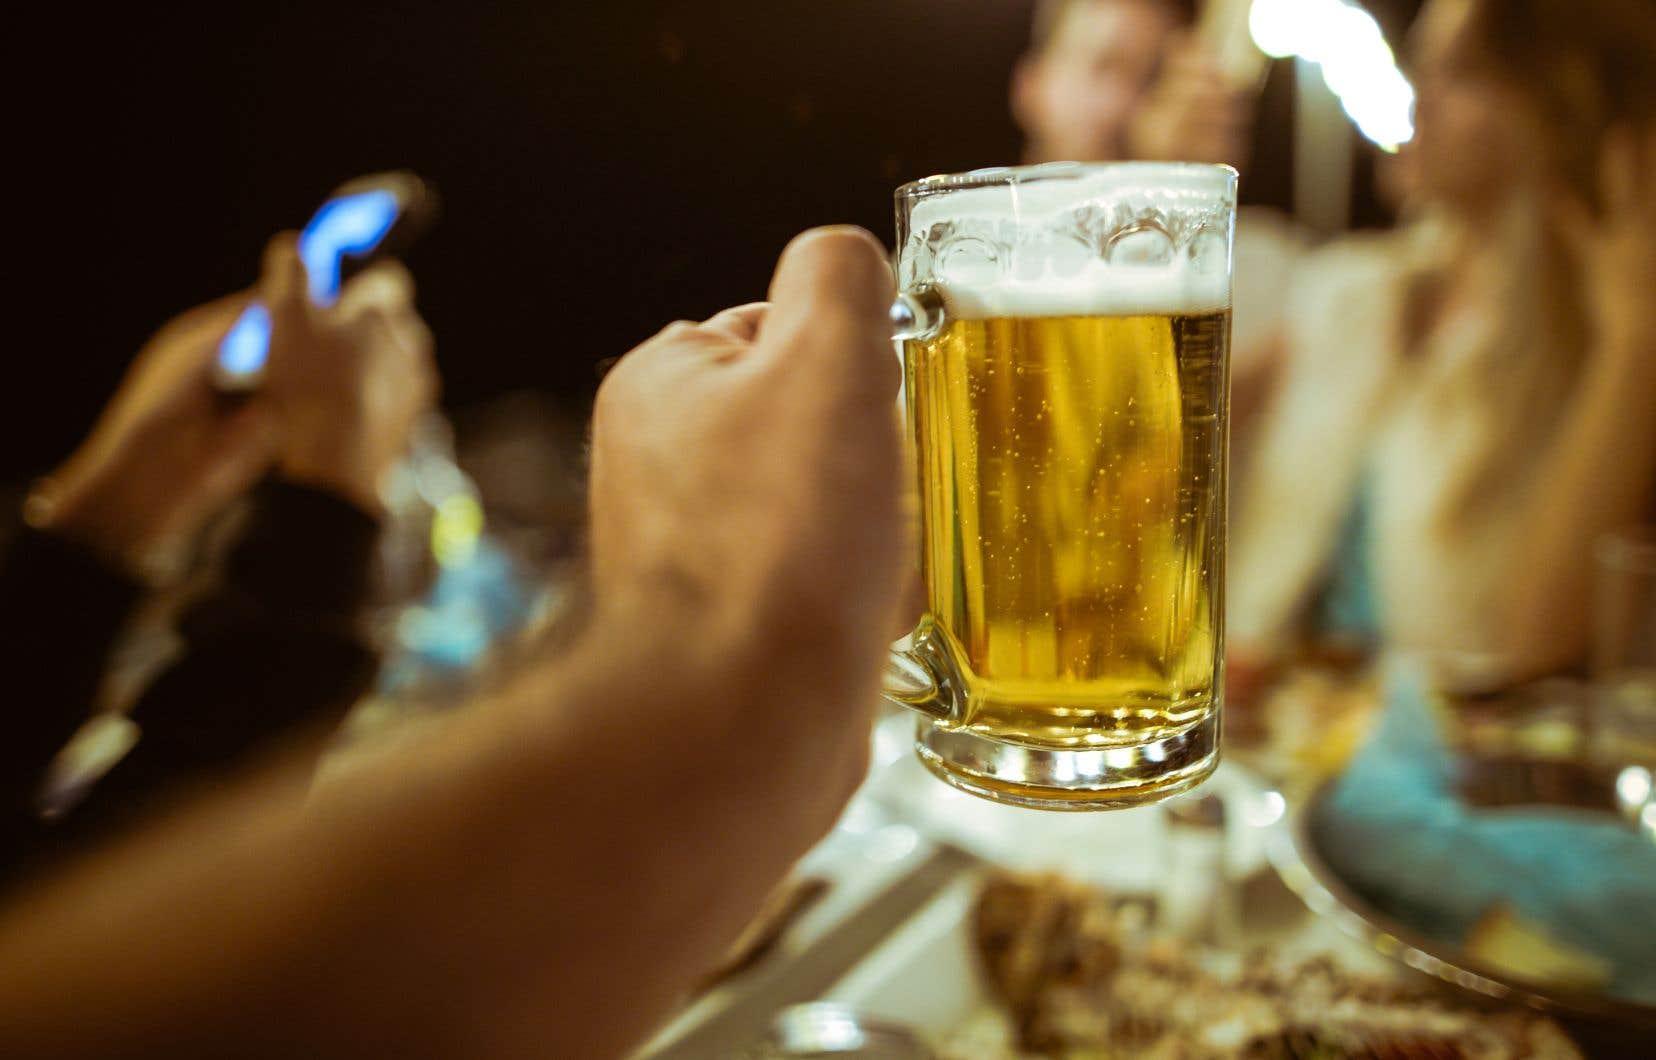 Selon l'étude, mieux vaut consommer environ sept verres standards canadiens d'alcool ou moins par semaine pour minimiser les risques pour la santé.